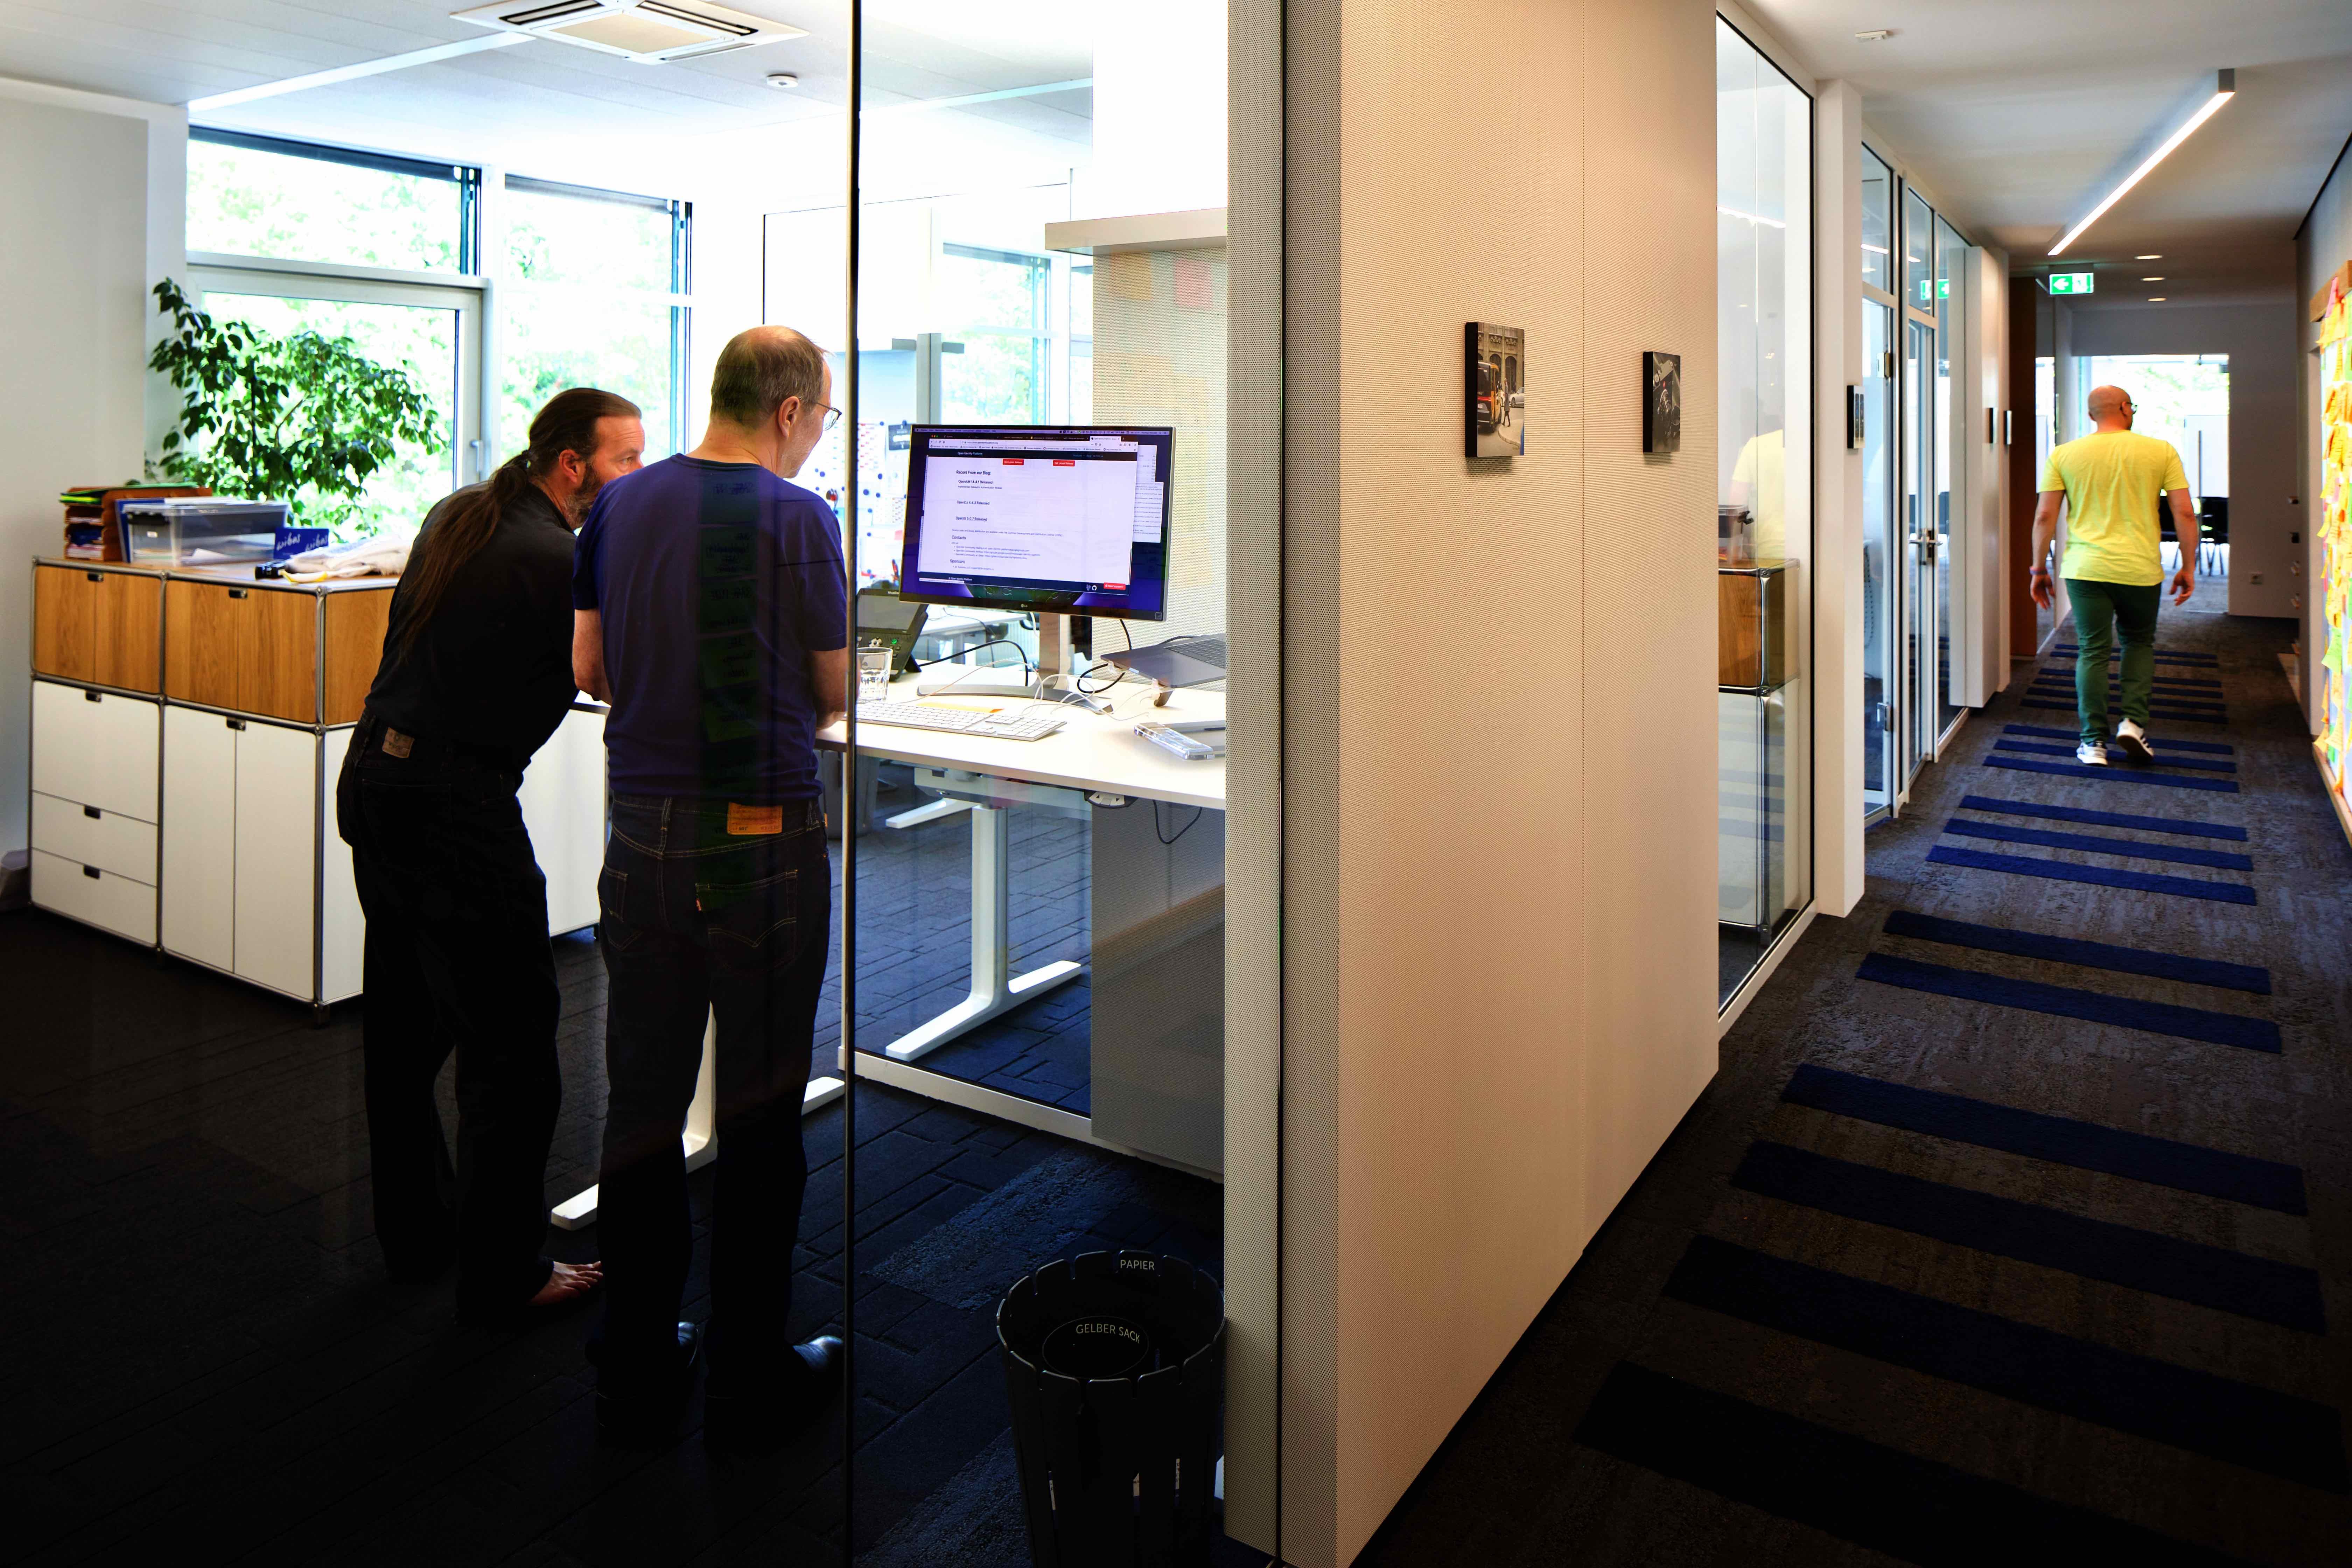 Büro links, rechts Flur, mit Glaswänden und Schallschutzelementen getrennt, mit arbeitenden Menschen